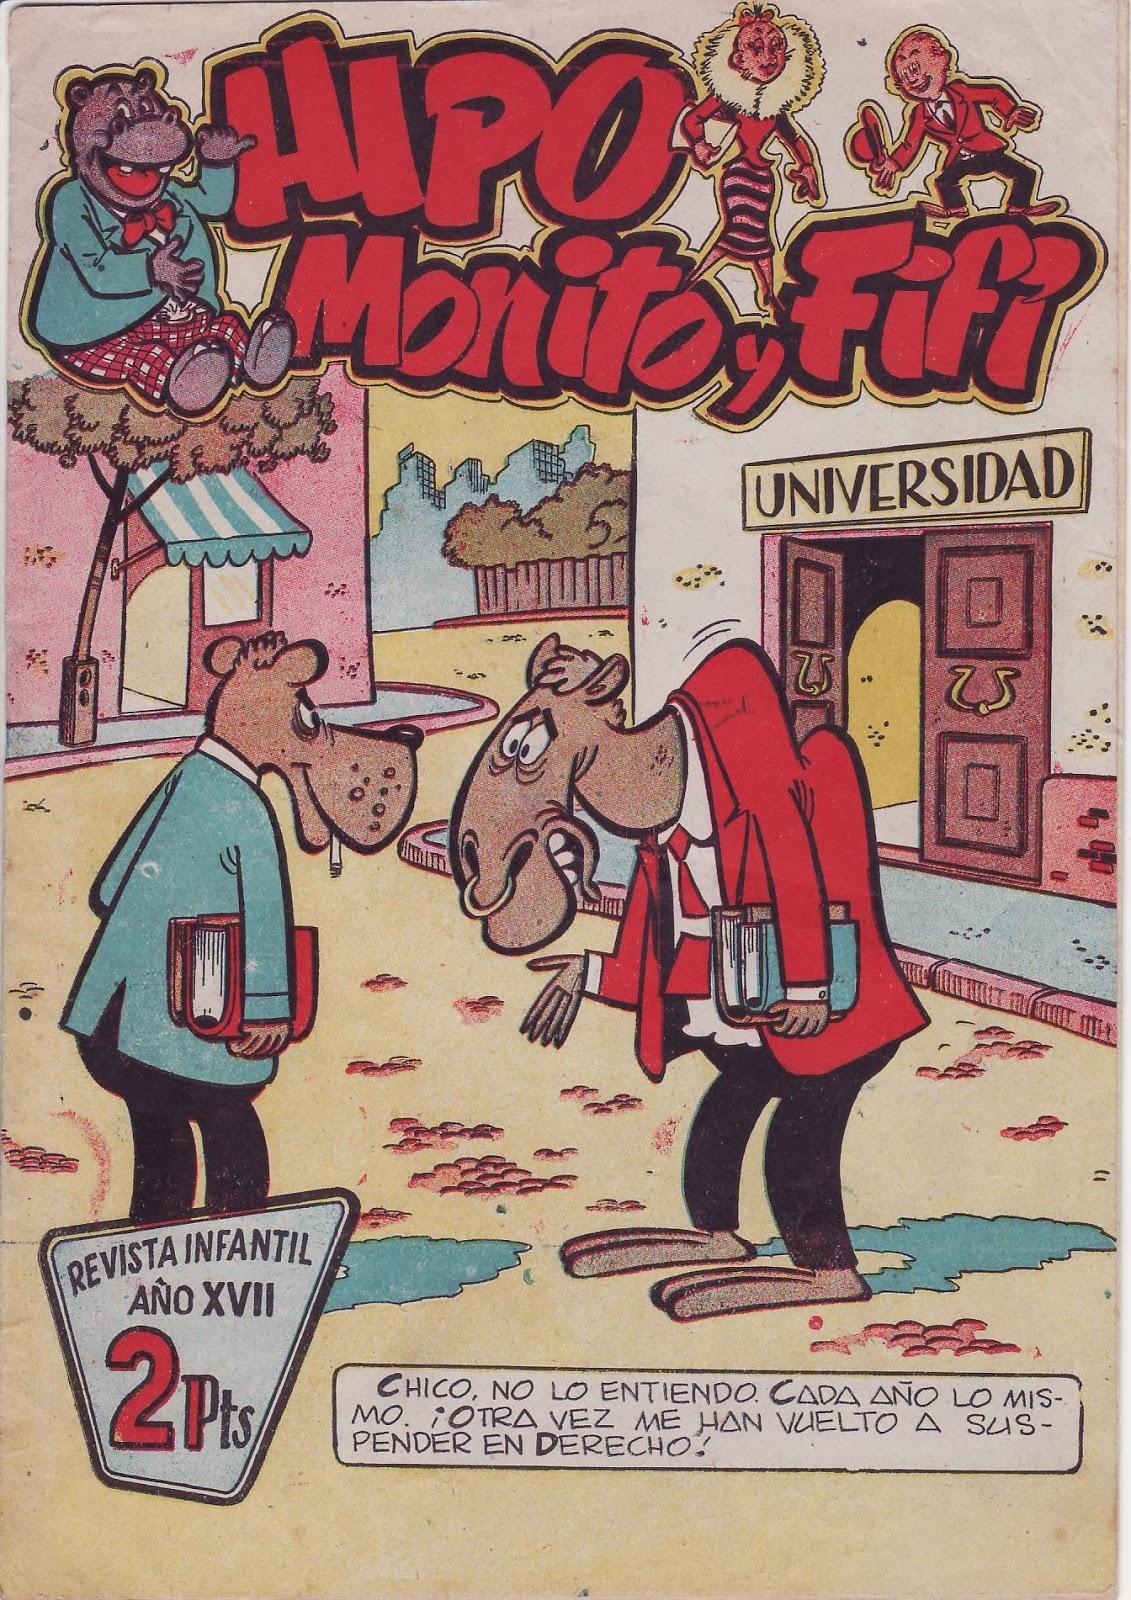 Hipo Monito y Fifí 2ª nº 7